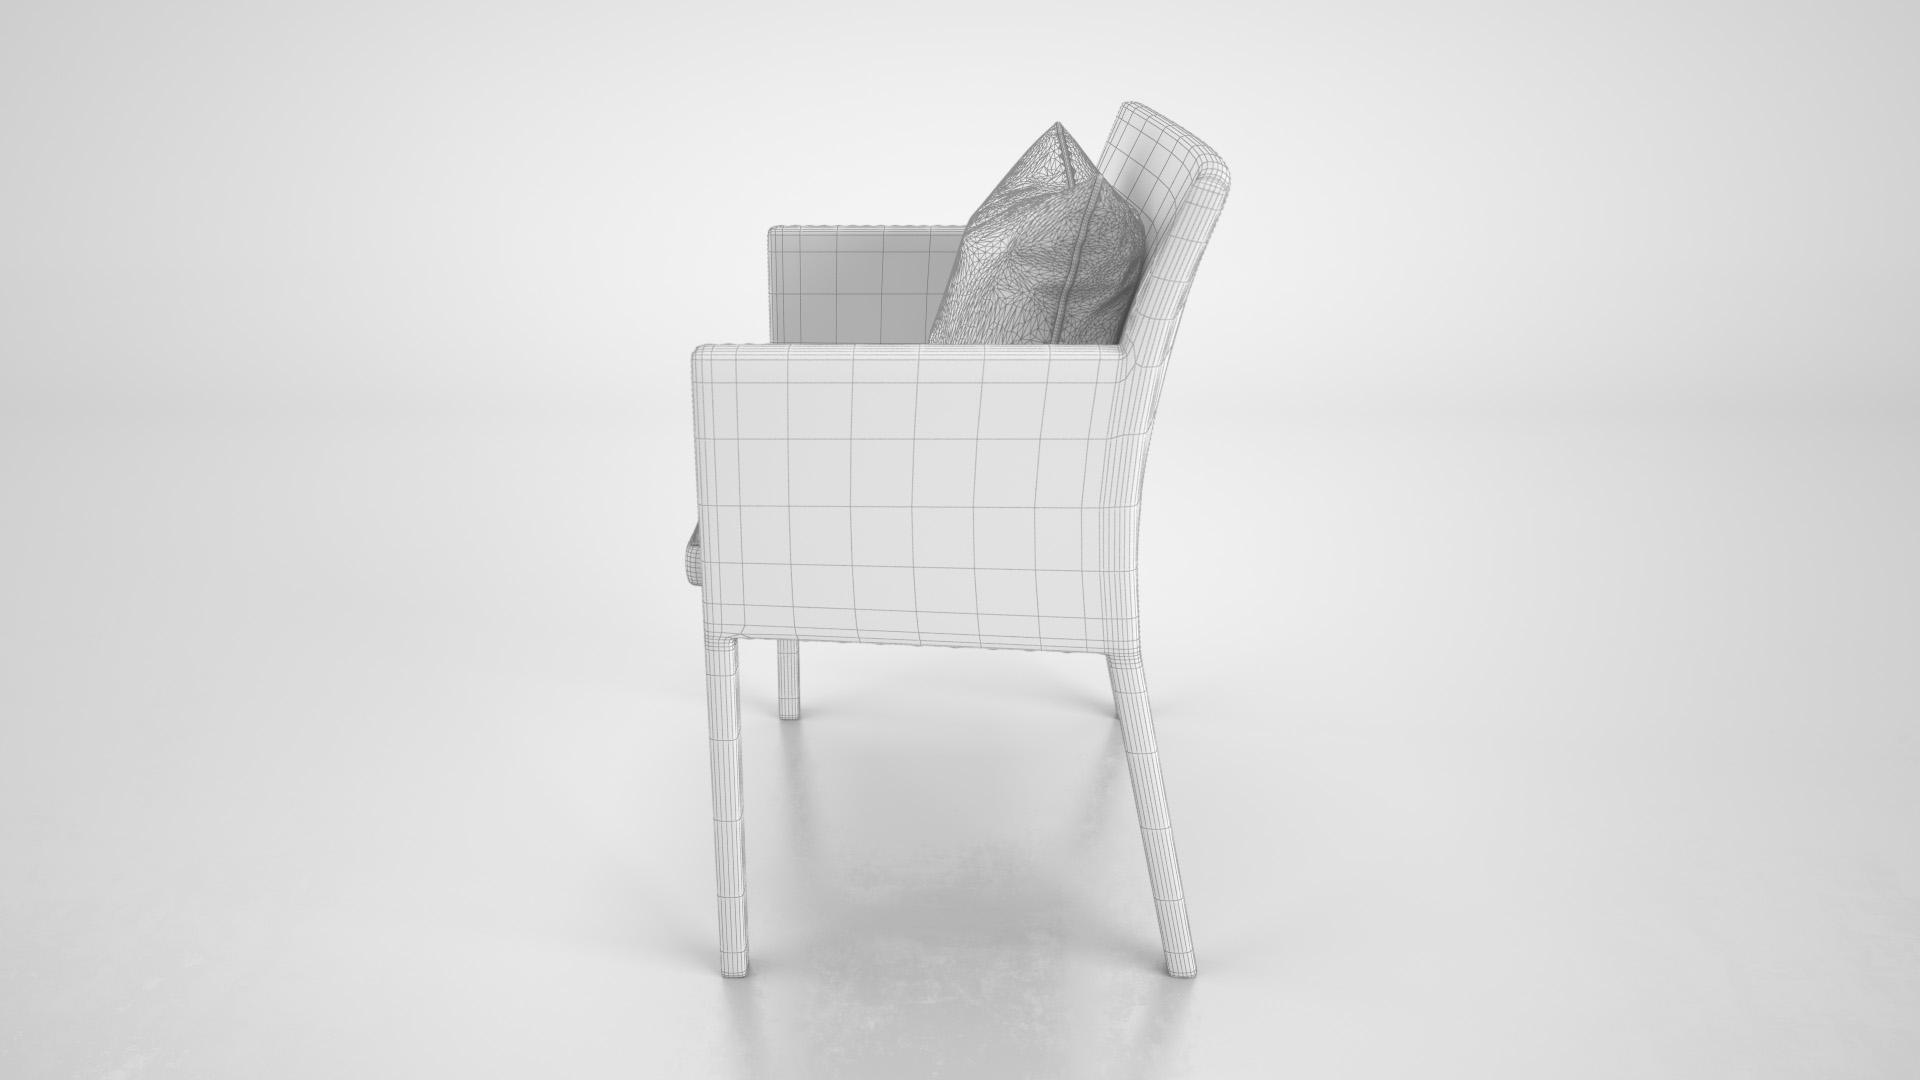 Tribu_Versus_Chair_WhiteSet_01_wire_0002